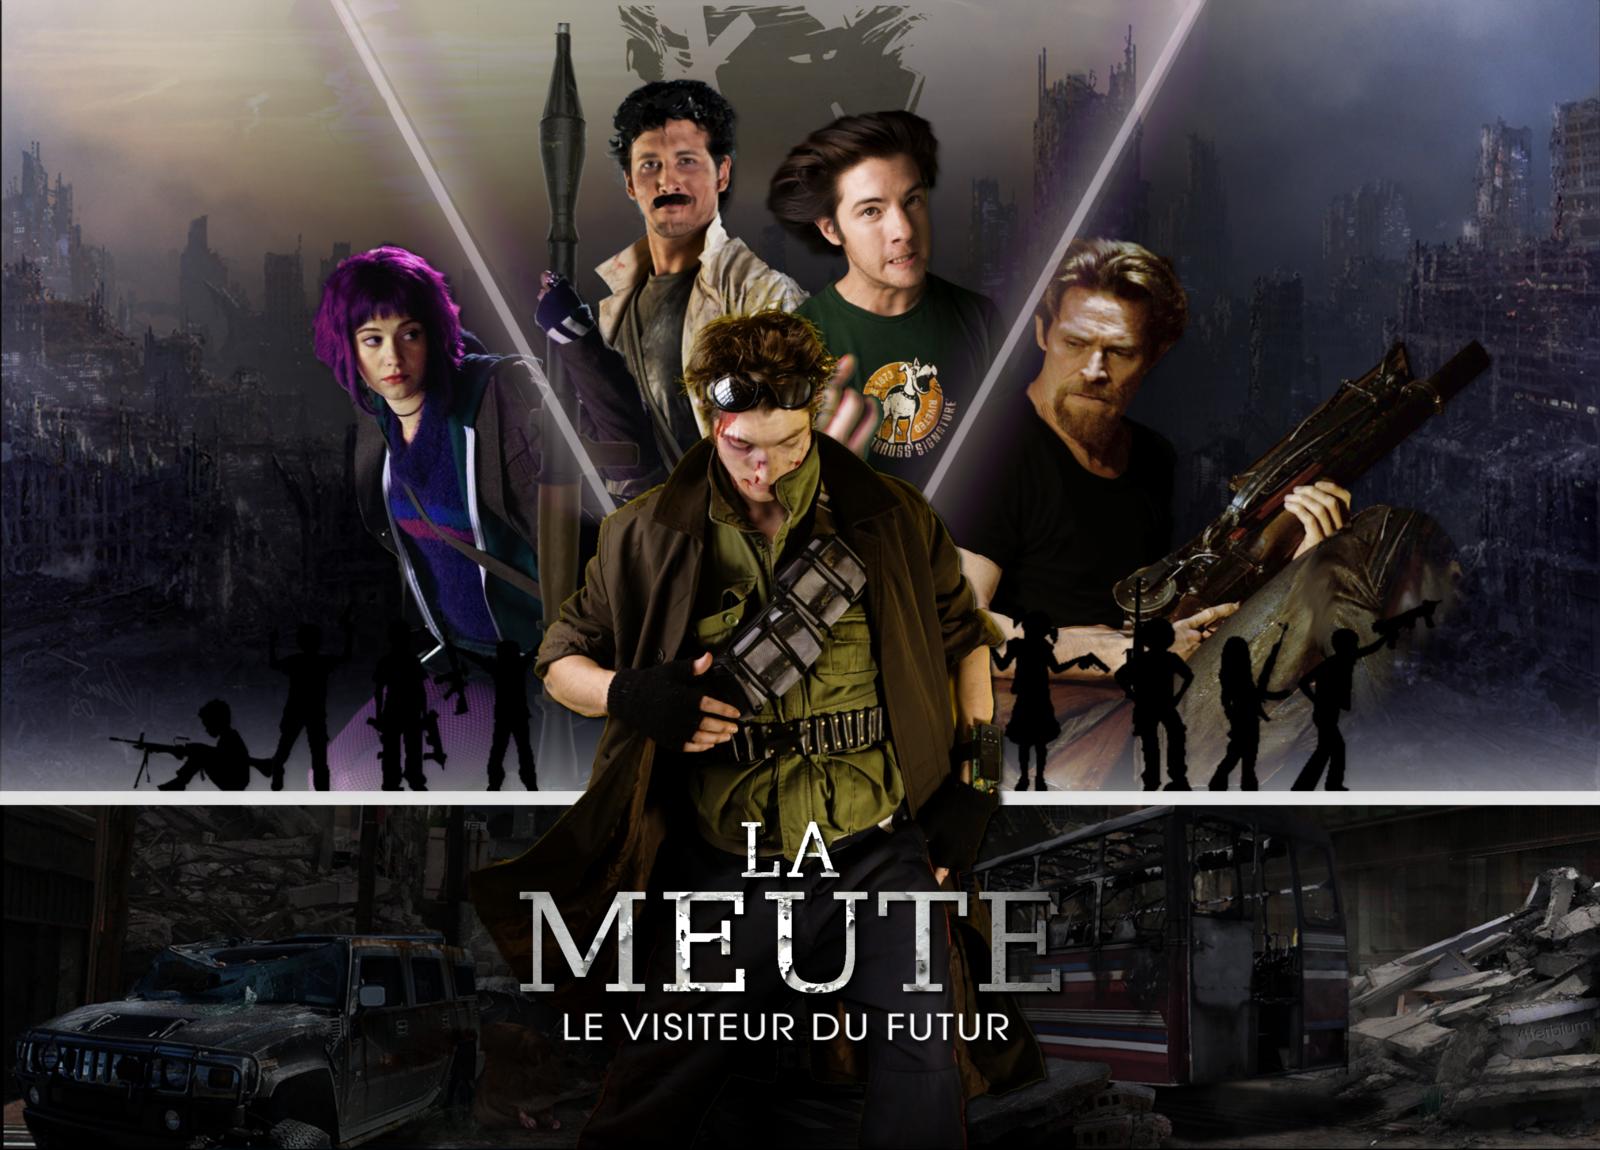 [ Infographie + Jeu] Fan-art de Ytterbium Lameute-ytterbium